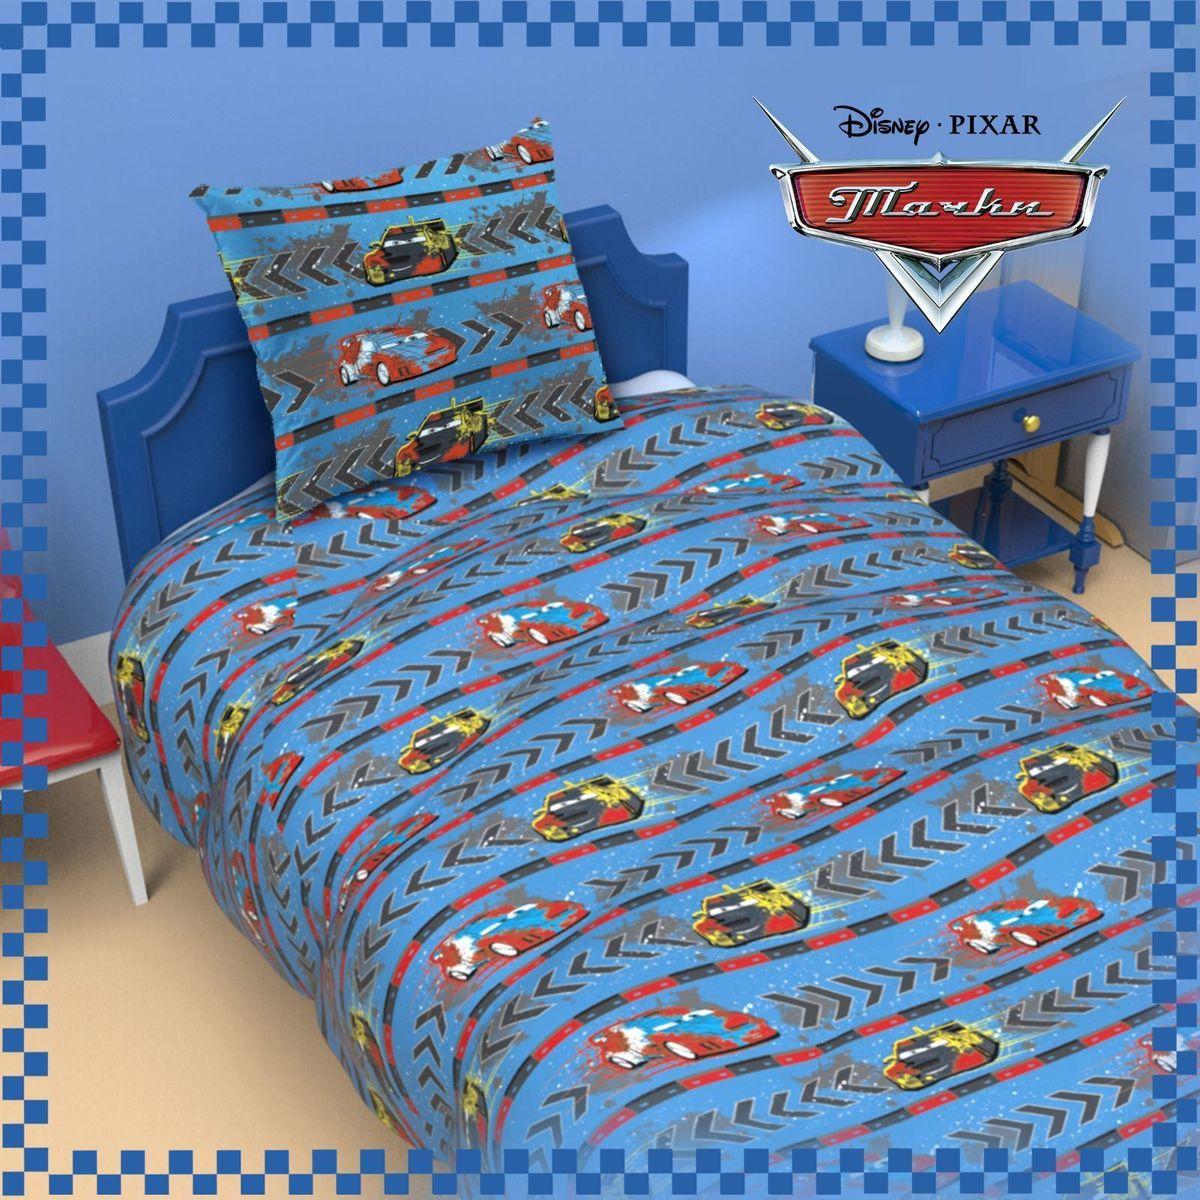 Disney Подушка Тачки 50 х 70 1153163531-105Сказочные сны с любимыми героями Disney. Маленький любитель мультфильмов Disney будет в восторге от этого яркого одеяла ! Оно подарит крохе захватывающие сны и по-настоящему доброе утро.Почему?Потому что одеяло изготовлено в России на современном оборудовании, а при нанесении рисунка использовались только качественные европейские красители.Над дизайном работала команда настоящих мастеров своего дела: очаровательные персонажи мультфильмов, детально проработанная картинка, гармоничное сочетание цветов — всё это результат их кропотливой работы.В качестве наполнителя для изделия используется файбер — практичный, безопасный и мягкий материал. Именно поэтому одеяло:поддерживает комфортную температуру тела во время сна;не способствует появлению аллергии и раздражения;позволяет коже дышать и впитывает влагу;хорошо переносит многочисленные стирки, сохраняя первоначальную форму и внешний вид;Чехол выполнен из поплина — прочной, невероятно приятной на ощупь хлопковой ткани, которая хорошо поддаётся окрашиванию и также позволяет коже дышать.Состав:Чехол: хлопок 100 %, поплин 125 г/м?.Наполнитель: файбер 200 г/м?.Рекомендации по уходу за изделием: стирайте при температуре не выше 40 °C без использования отбеливателей. Сушите в горизонтальном положении.